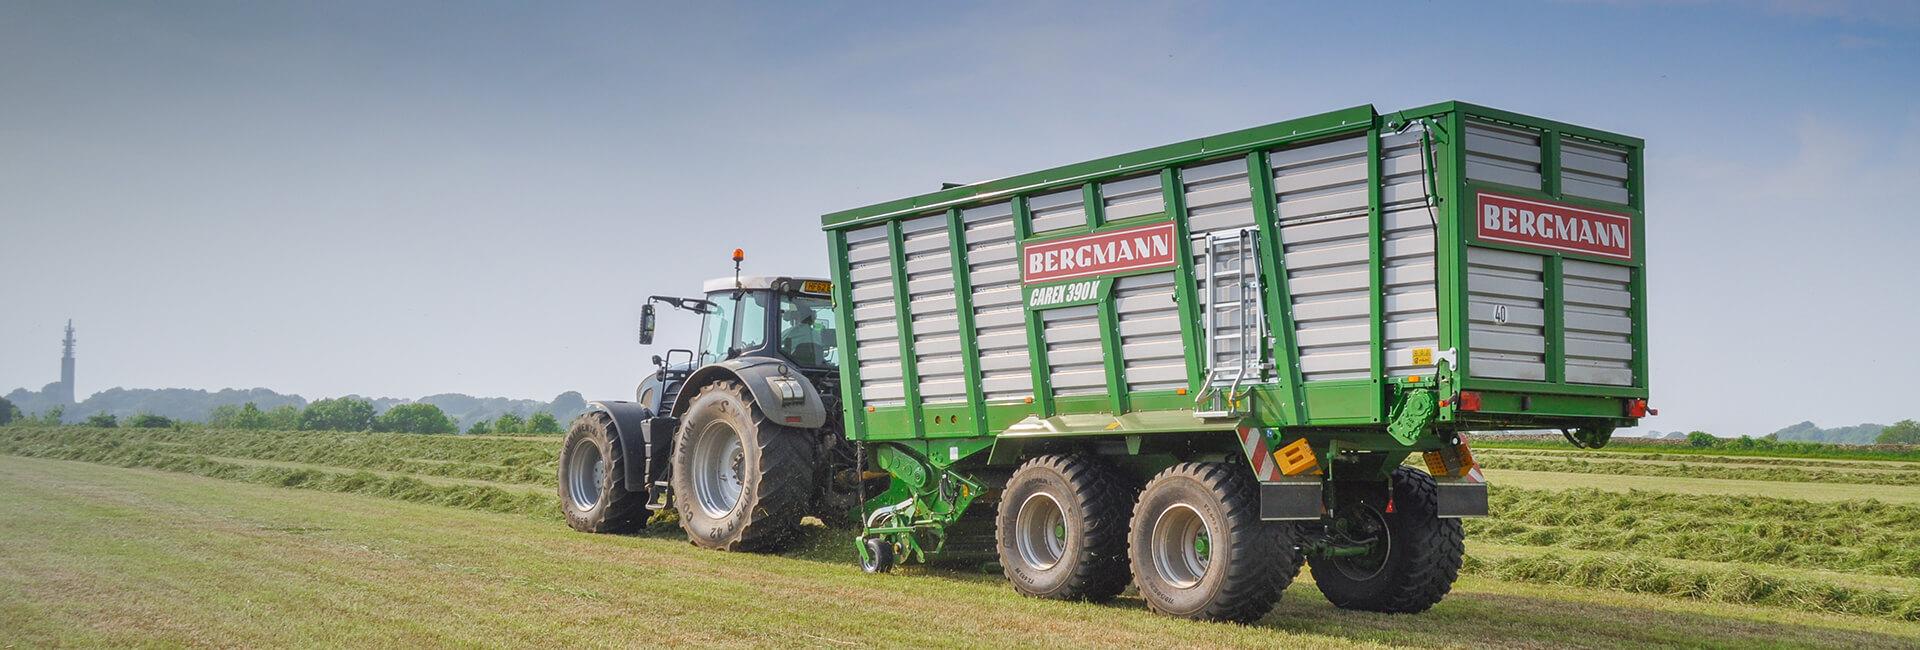 Bergmann Silage Wagon